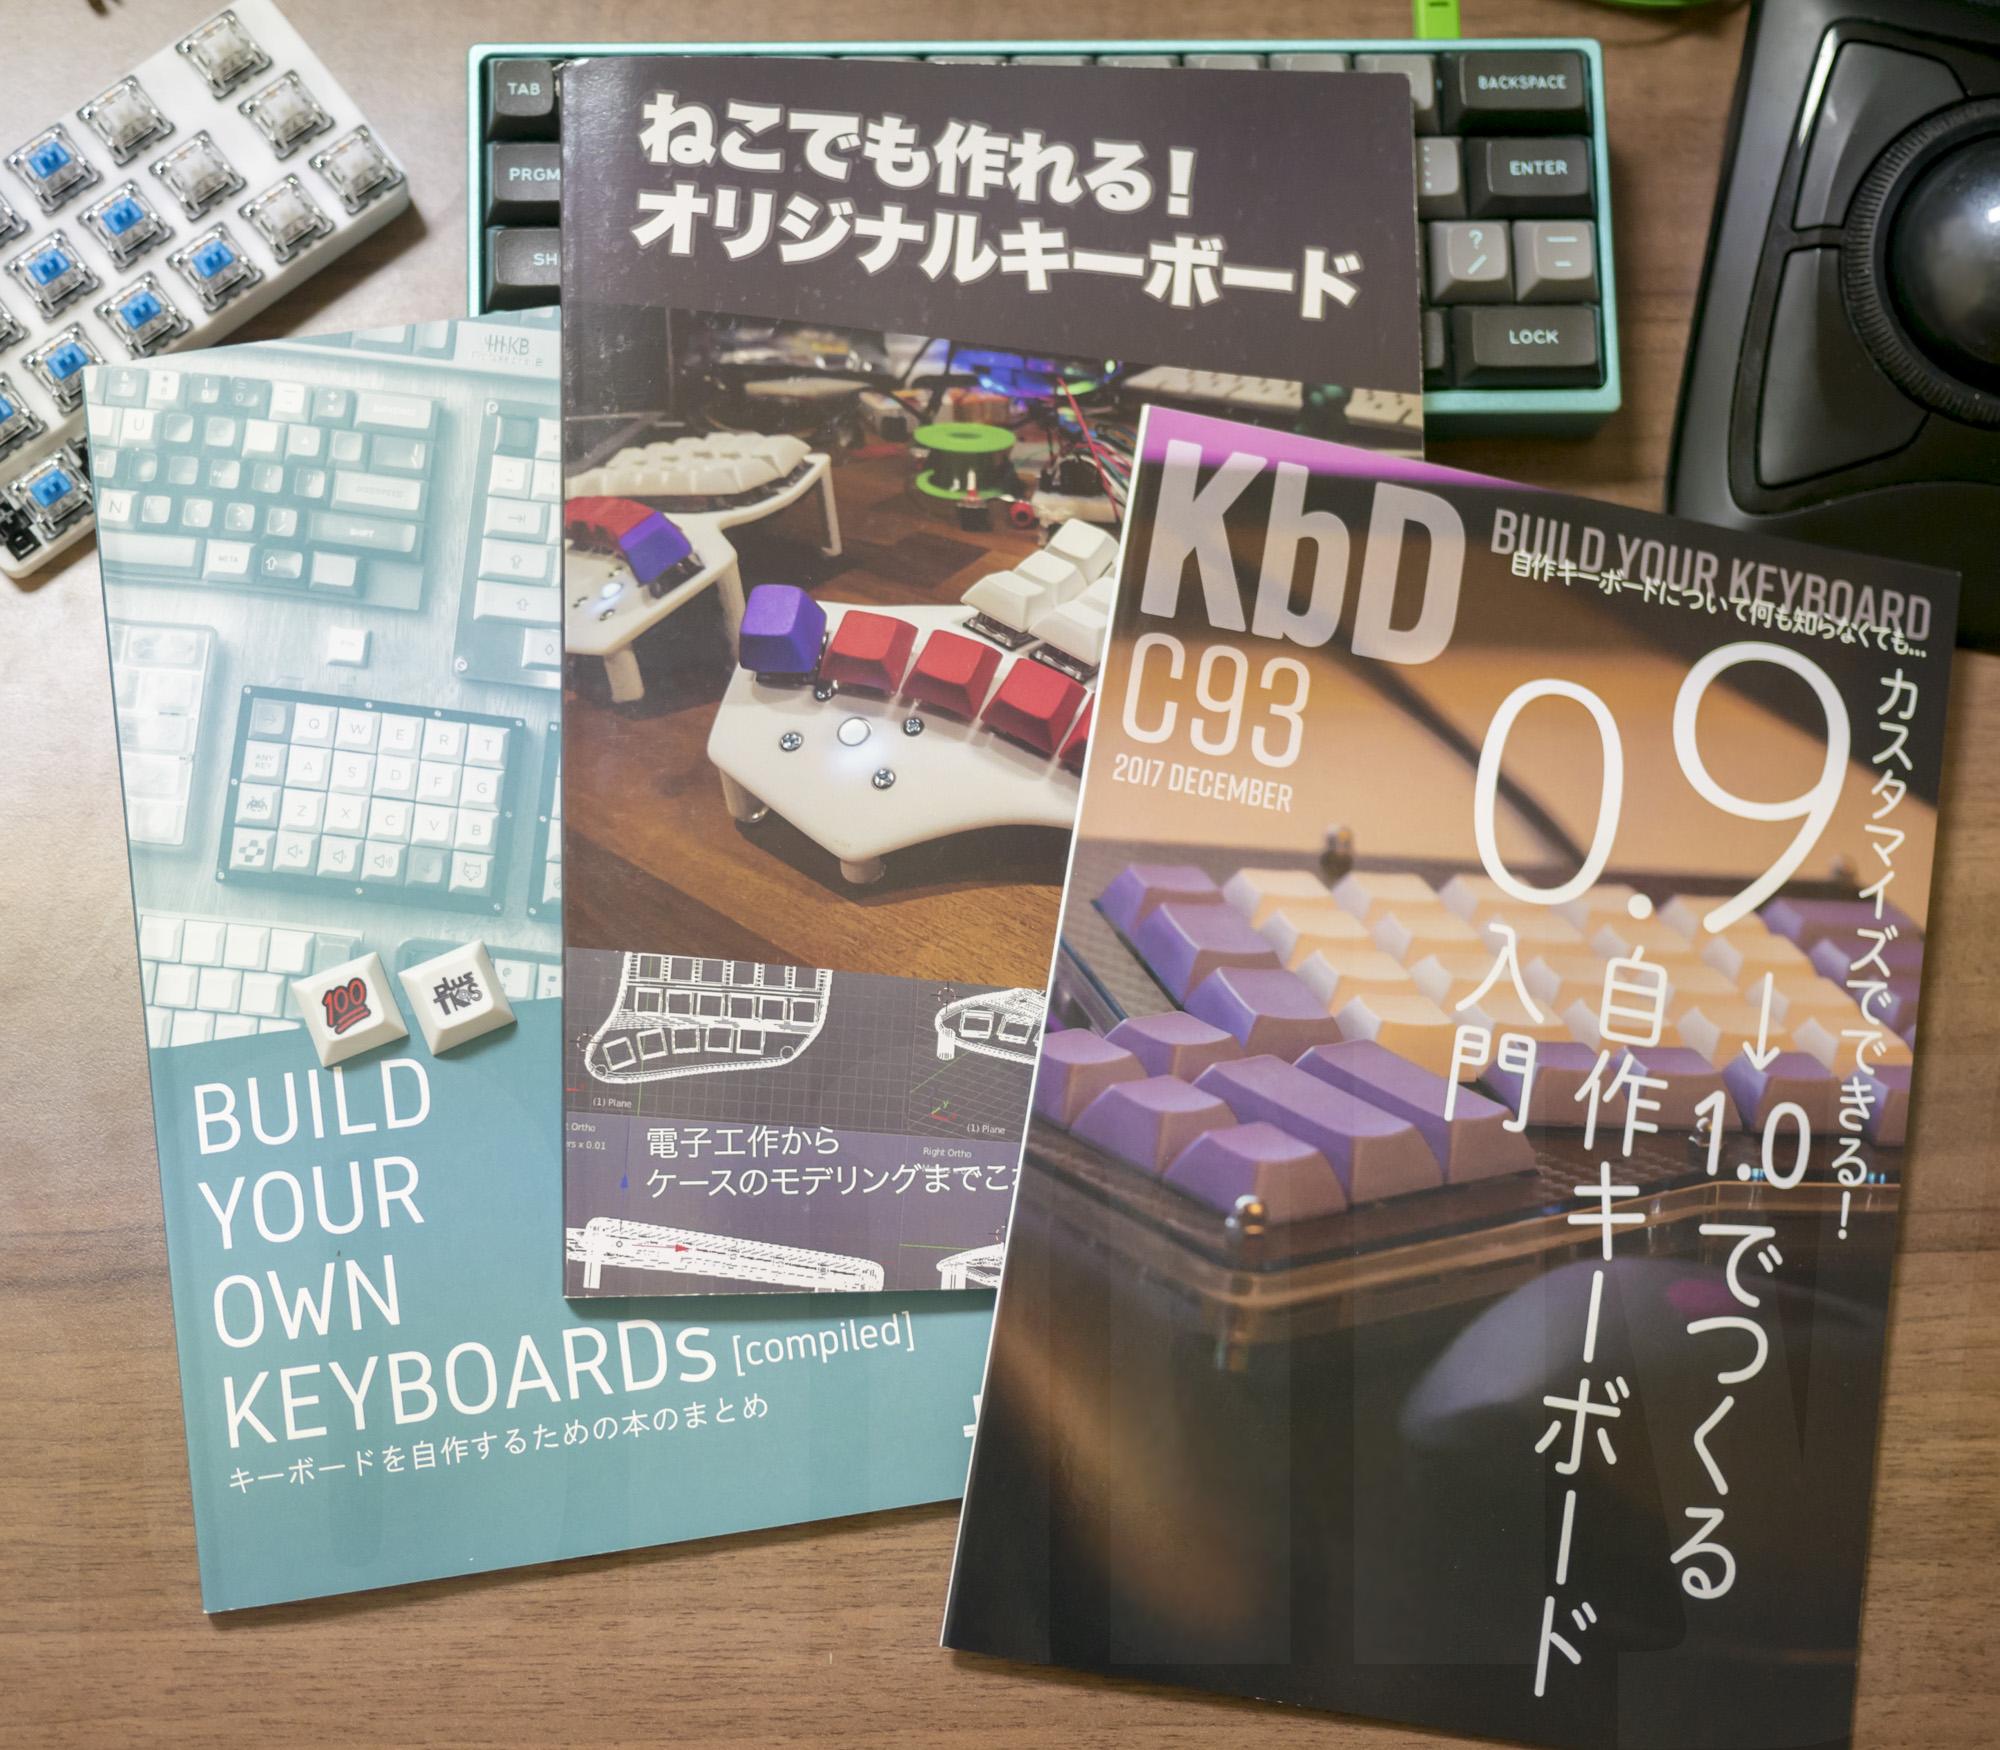 C93 自作キーボード本3冊